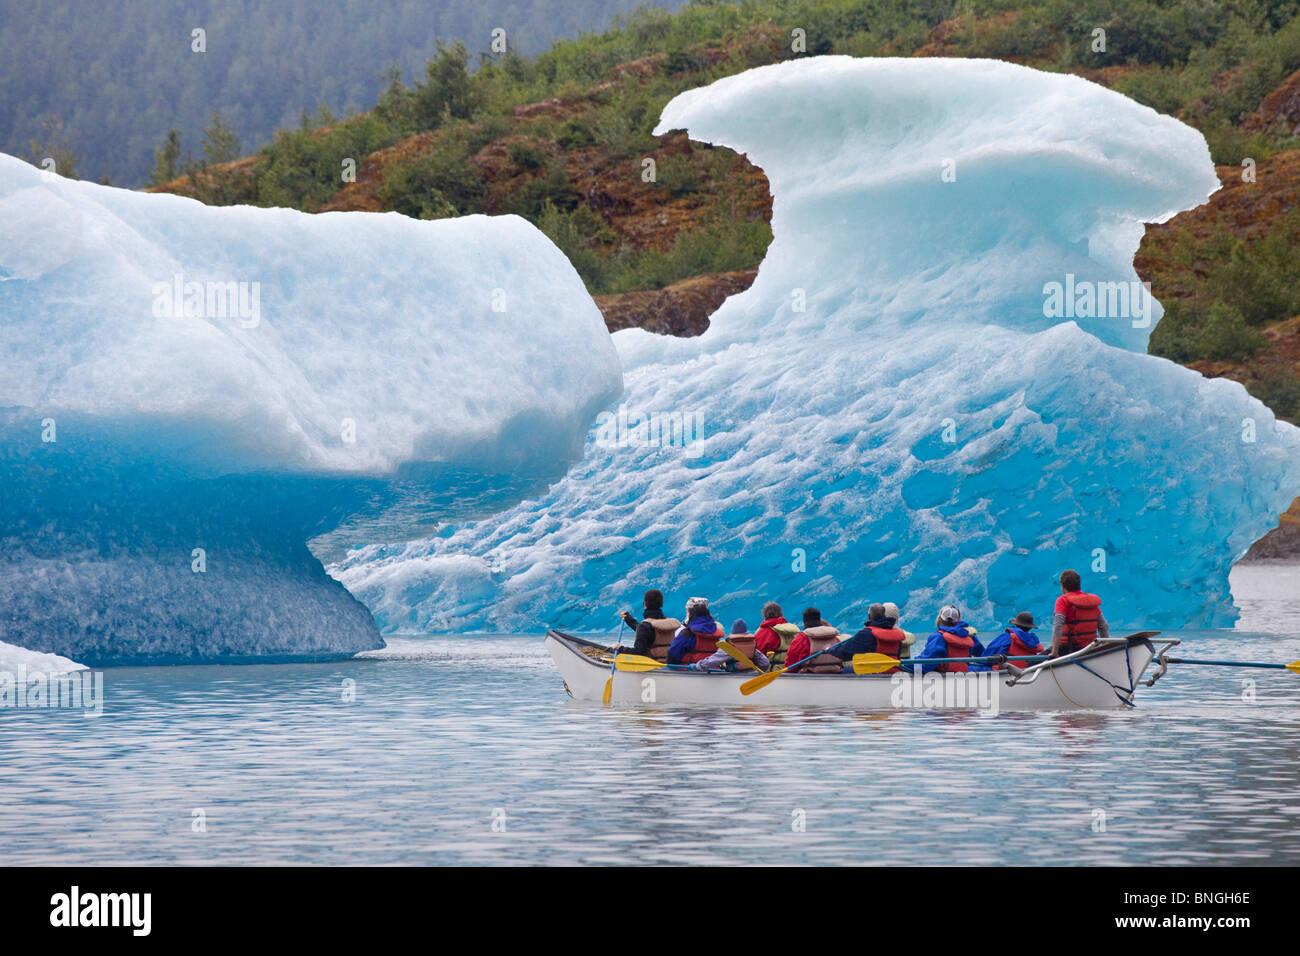 Tourists rafting at a lake, Mendenhall Lake, Mendenhall Valley, Mendenhall Glacier, Juneau, Alaska, USA - Stock Image